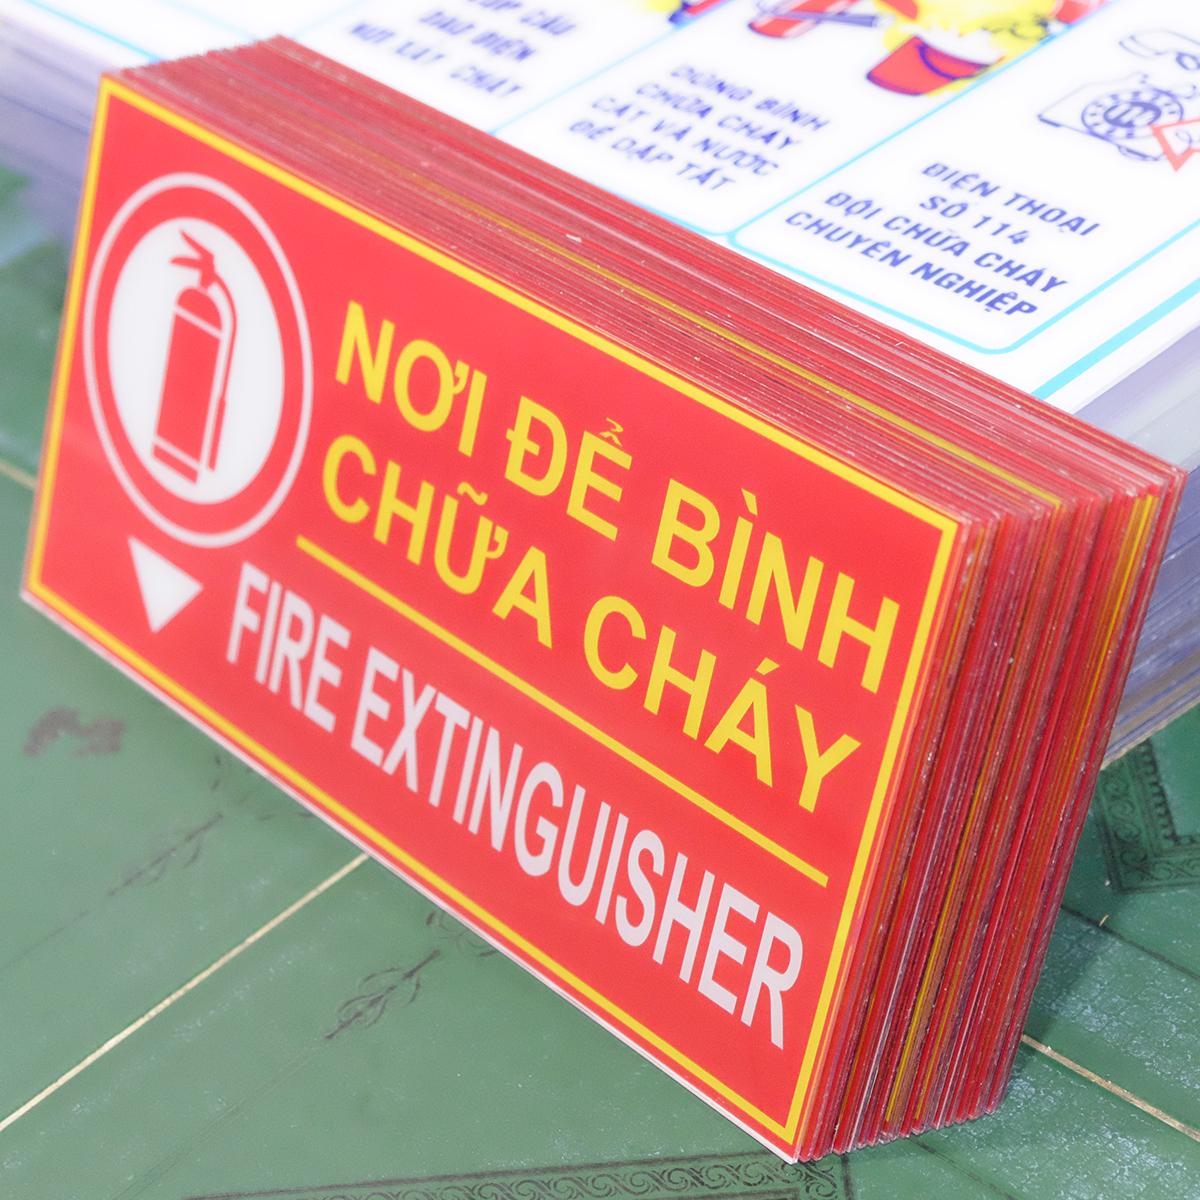 Bảng chỉ dẫn bằng mica nơi để bình chữa cháy